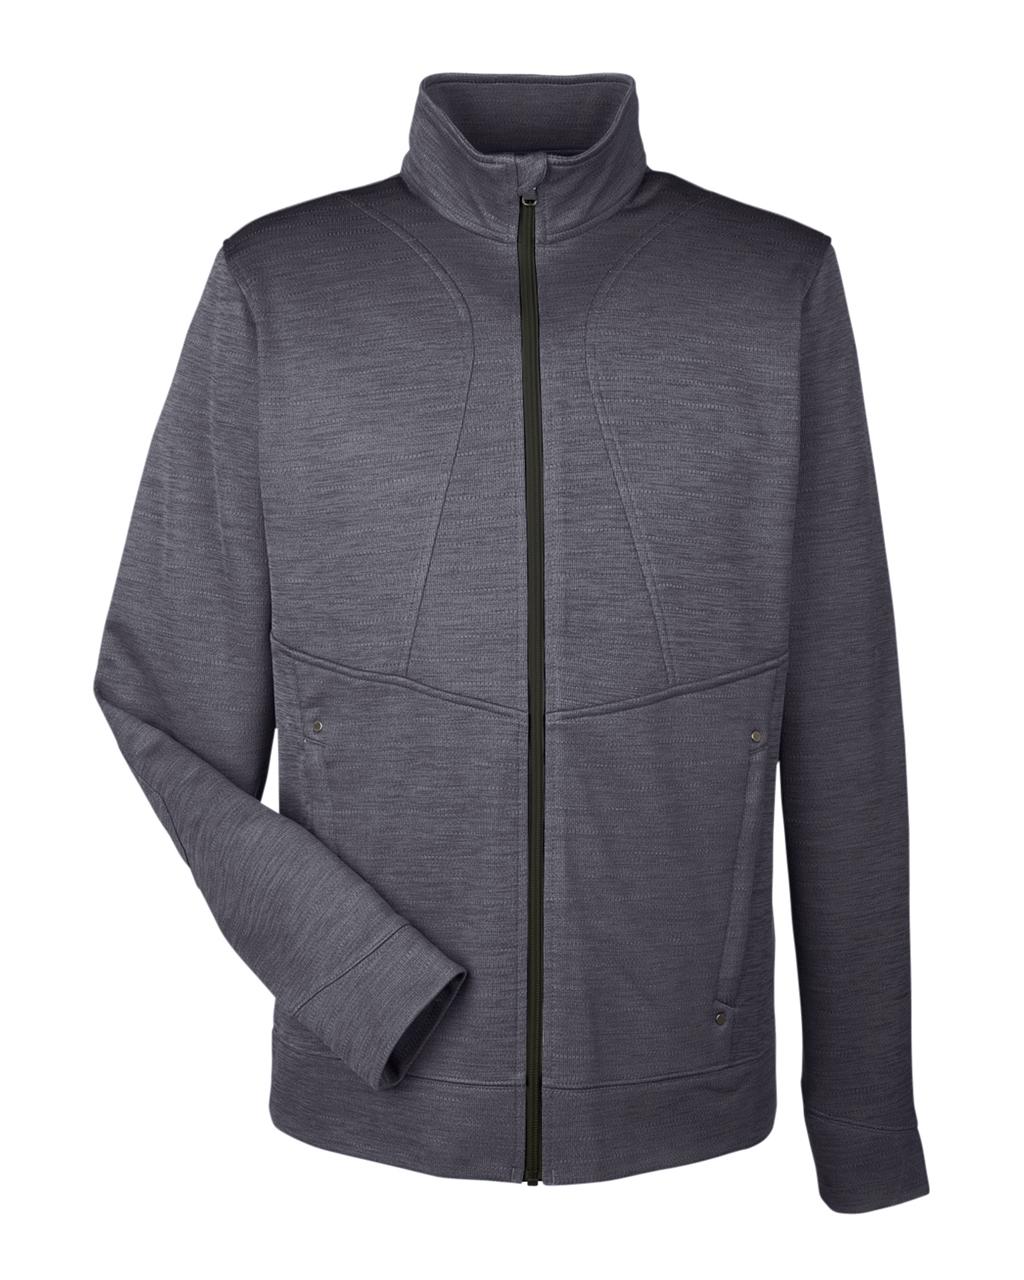 Picture of North End Men's Amplify Melange Fleece Jacket